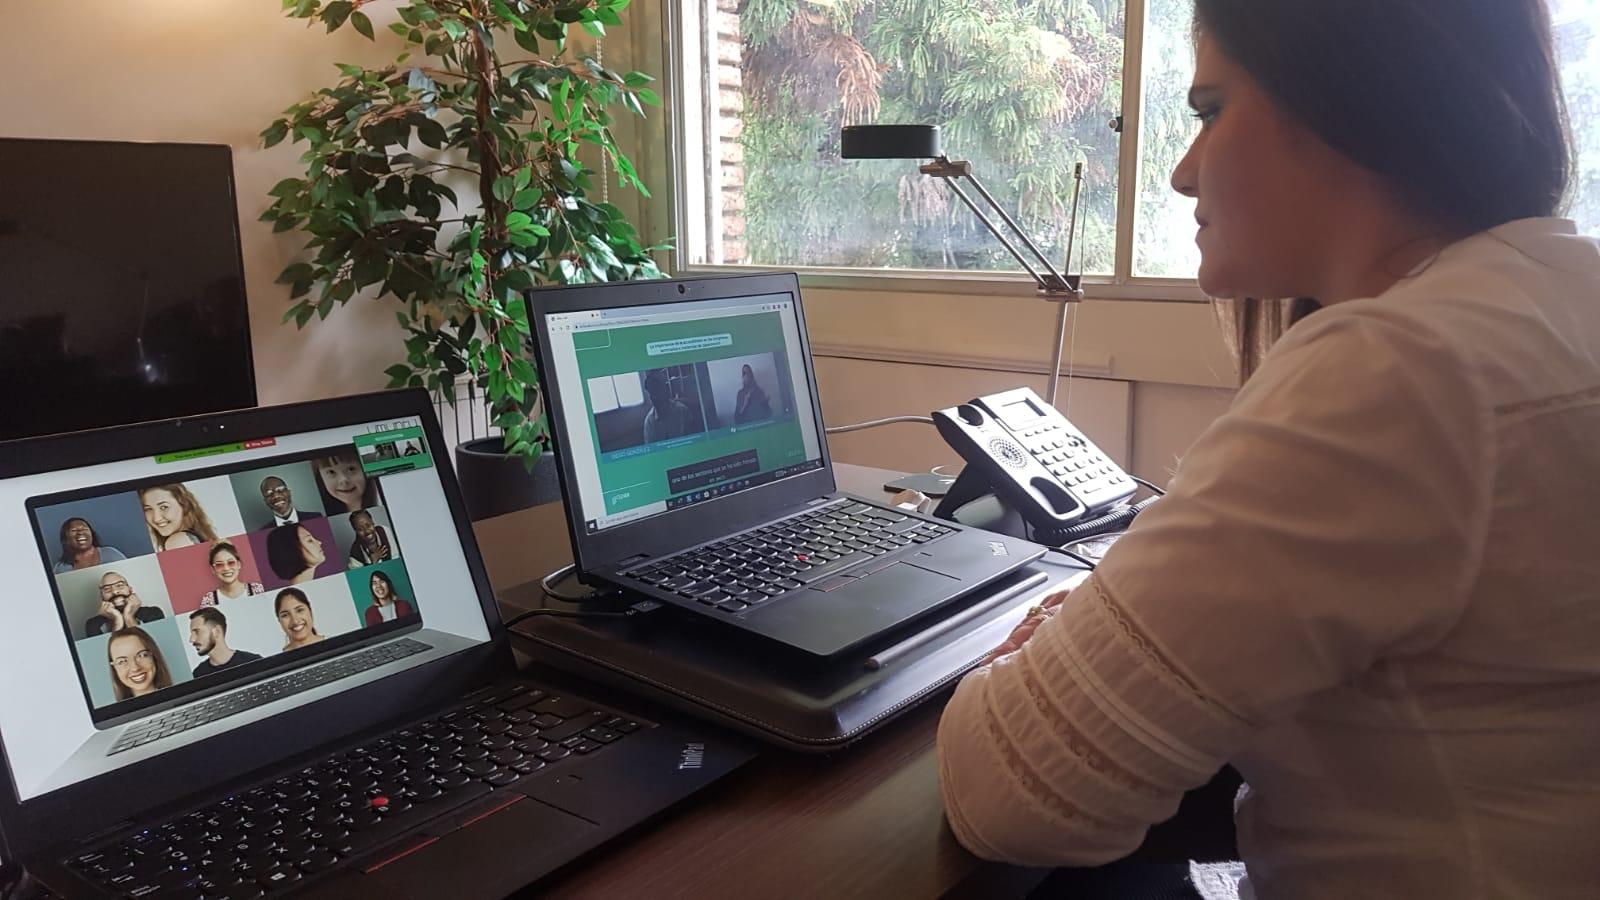 Mujer mira evento accesible en la computadora